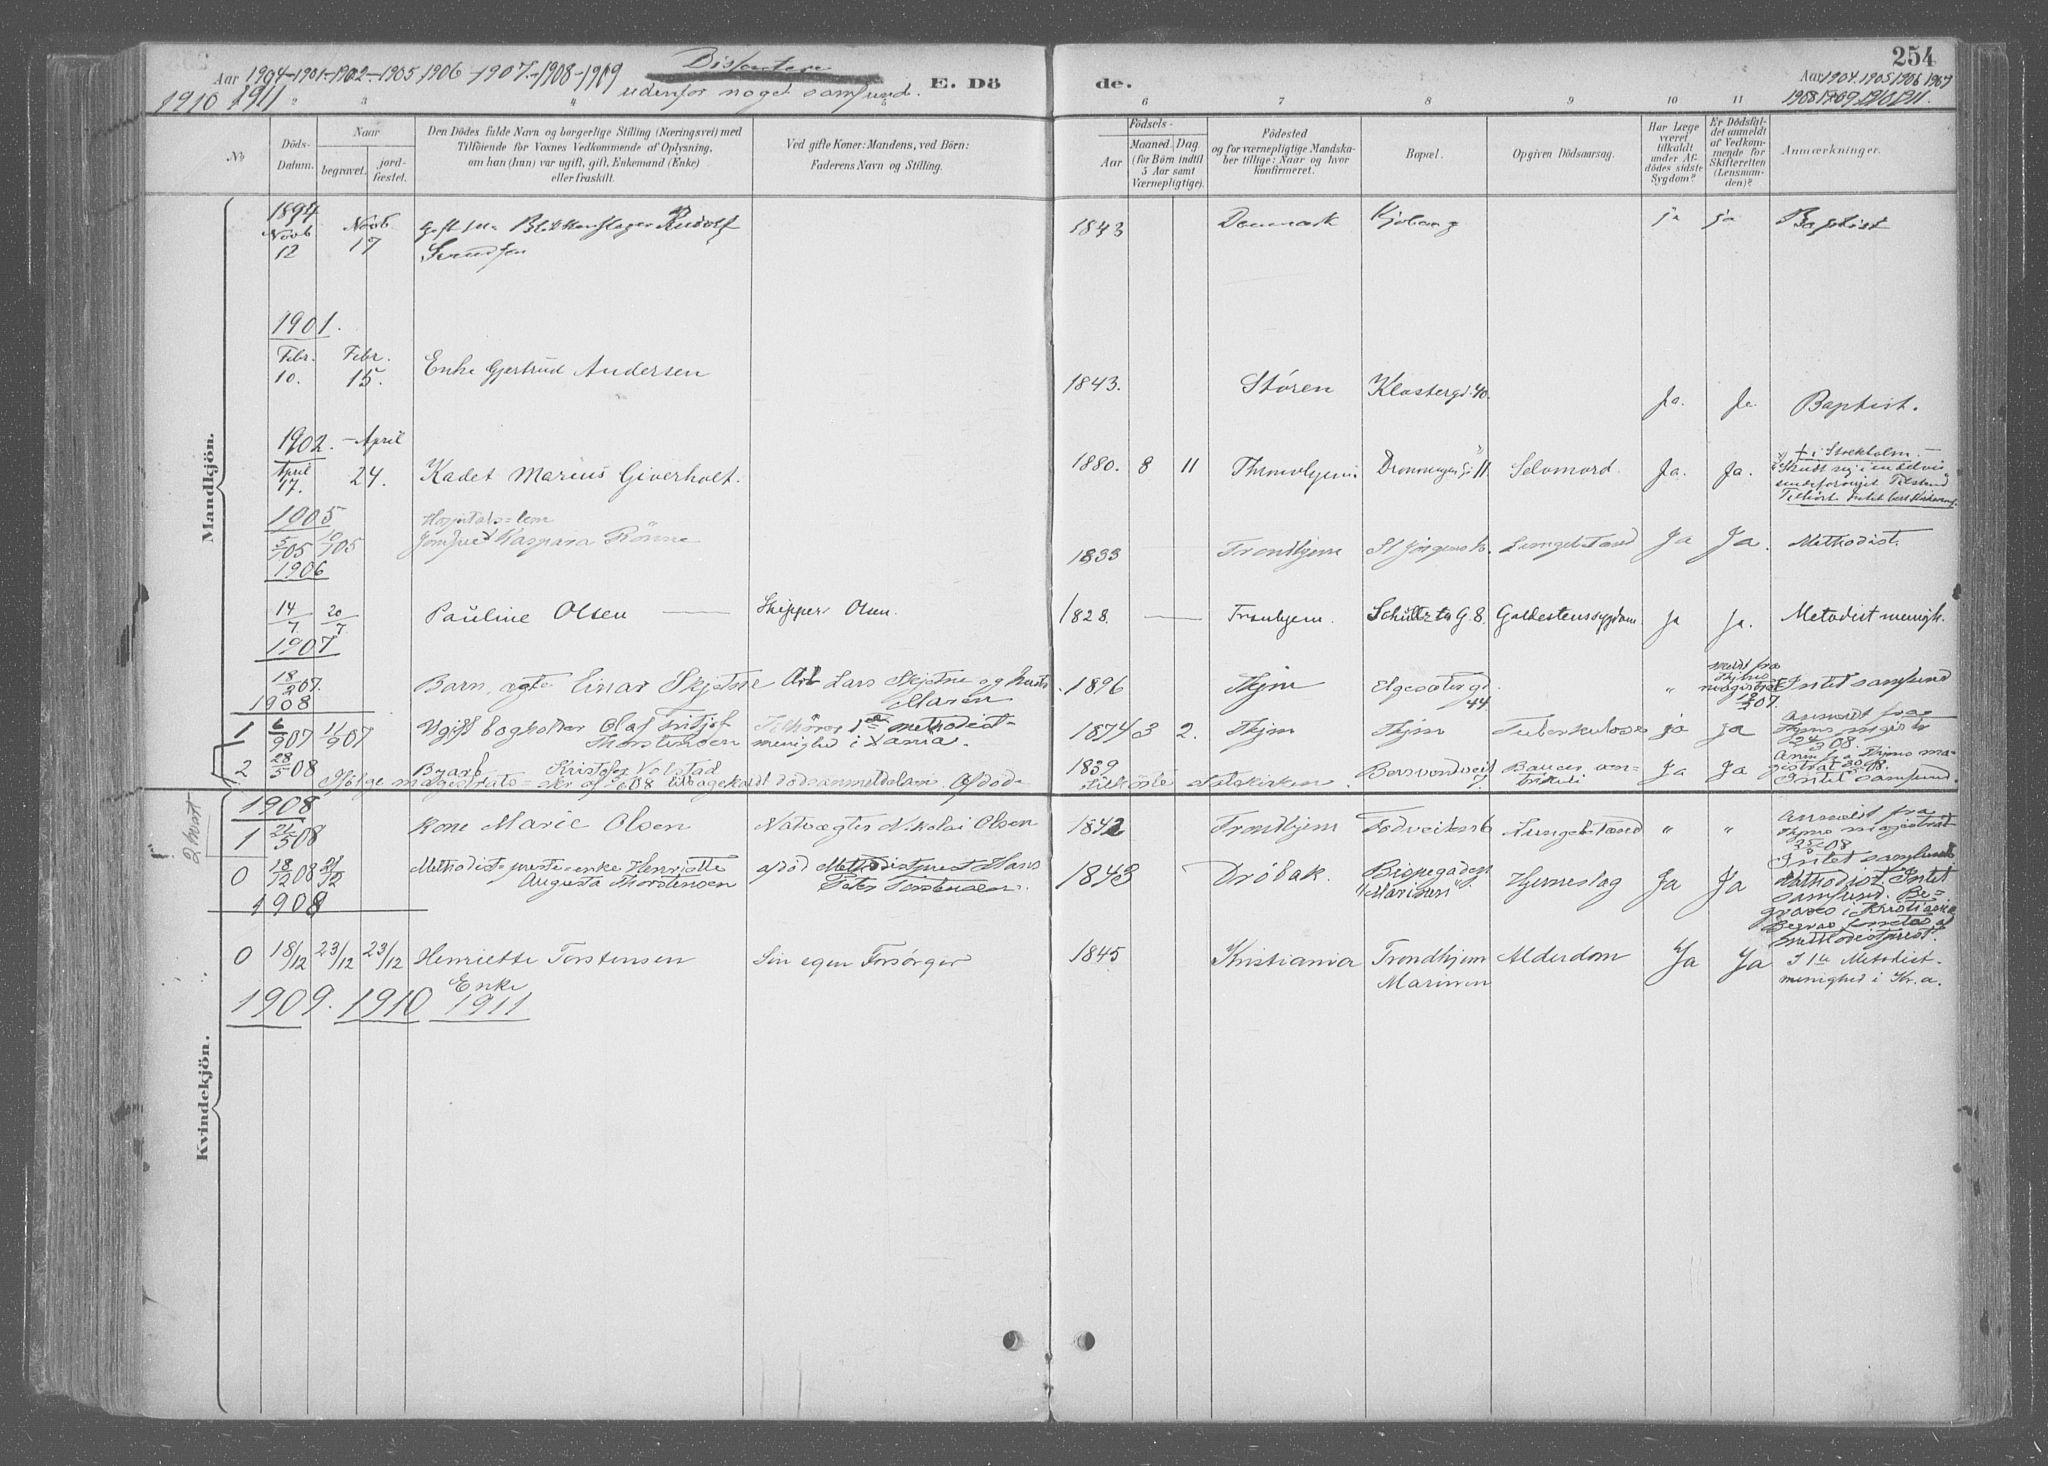 SAT, Ministerialprotokoller, klokkerbøker og fødselsregistre - Sør-Trøndelag, 601/L0064: Ministerialbok nr. 601A31, 1891-1911, s. 254